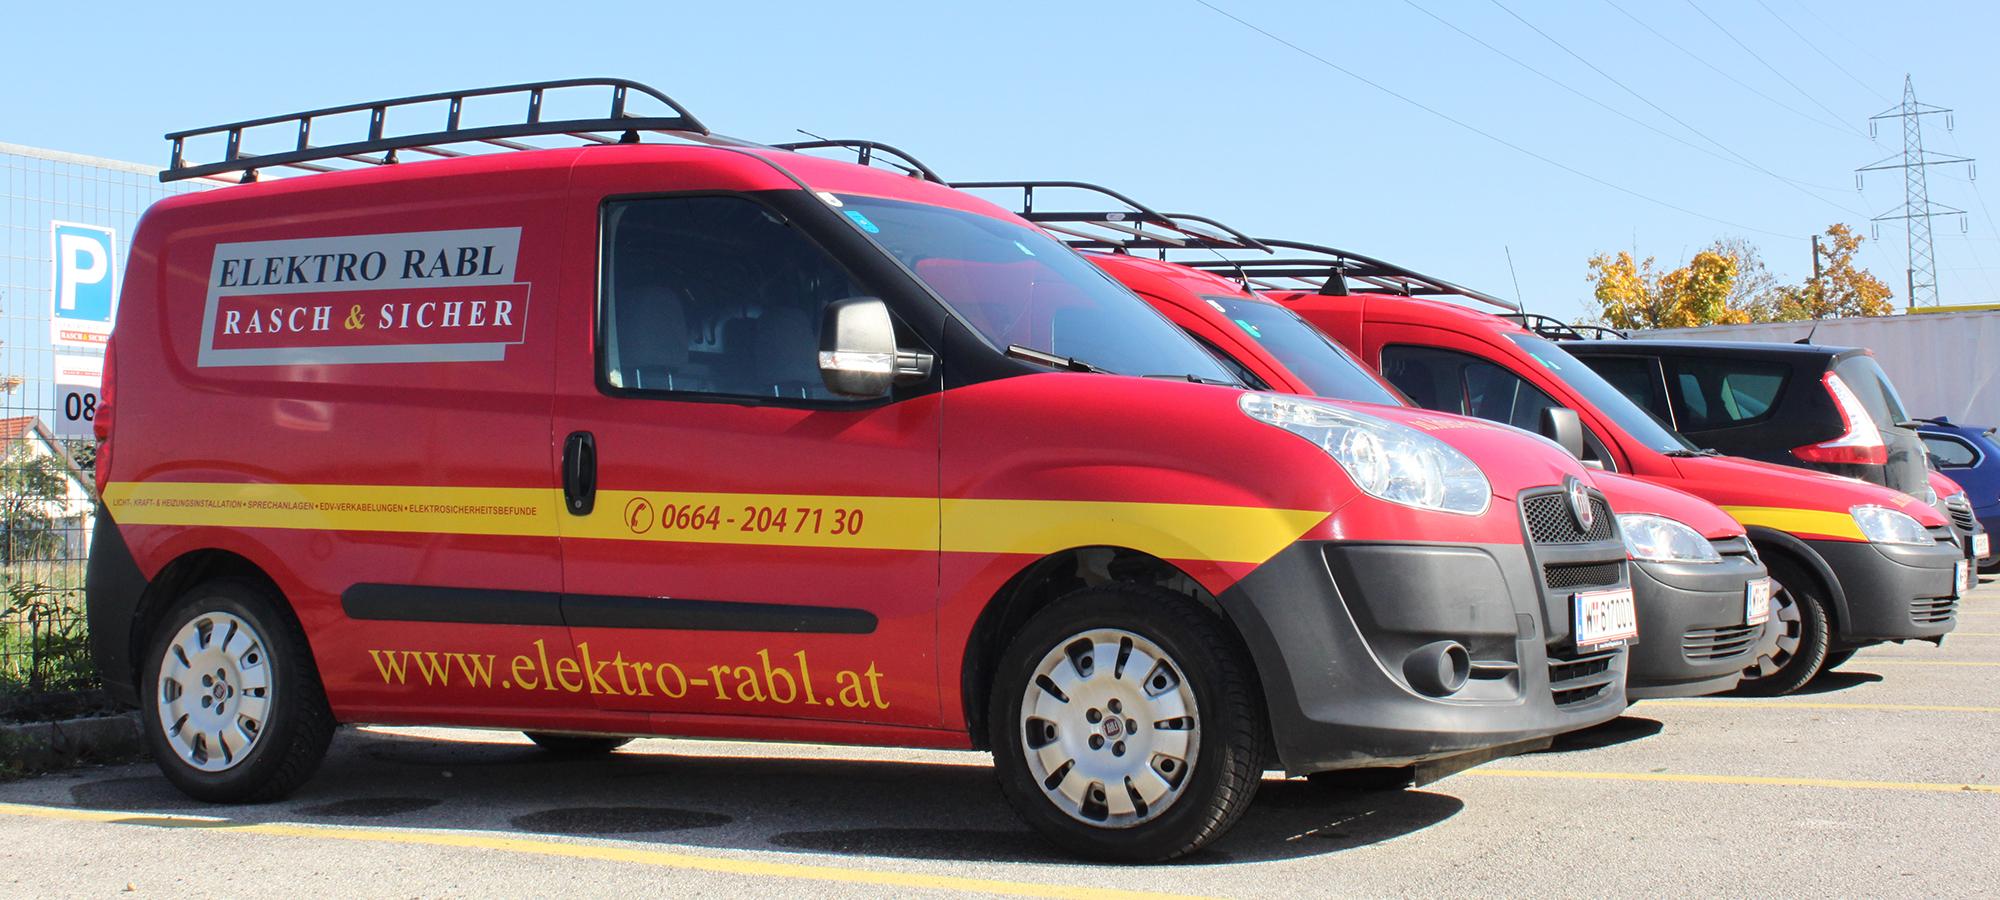 Elektro Rabl – Elektriker mit Herz in Wien 23